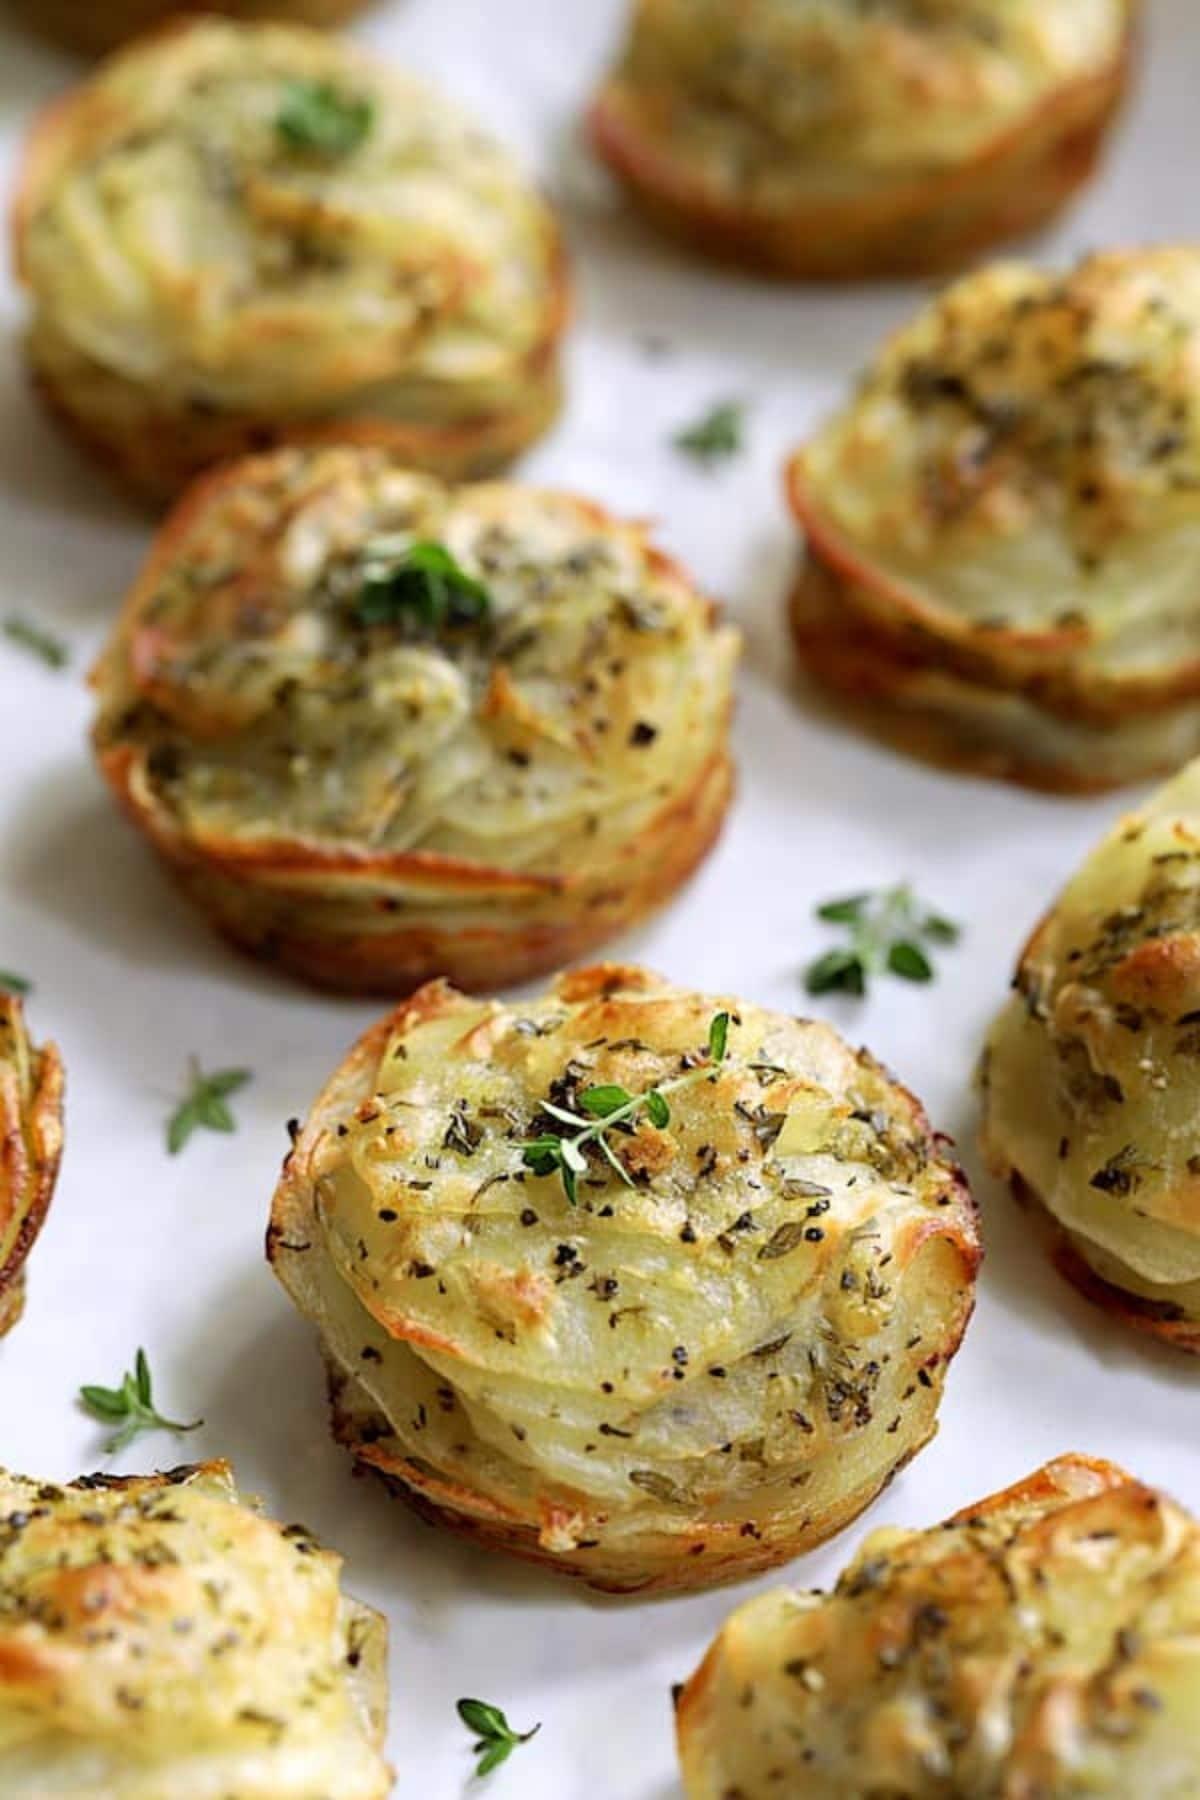 Potato galettes